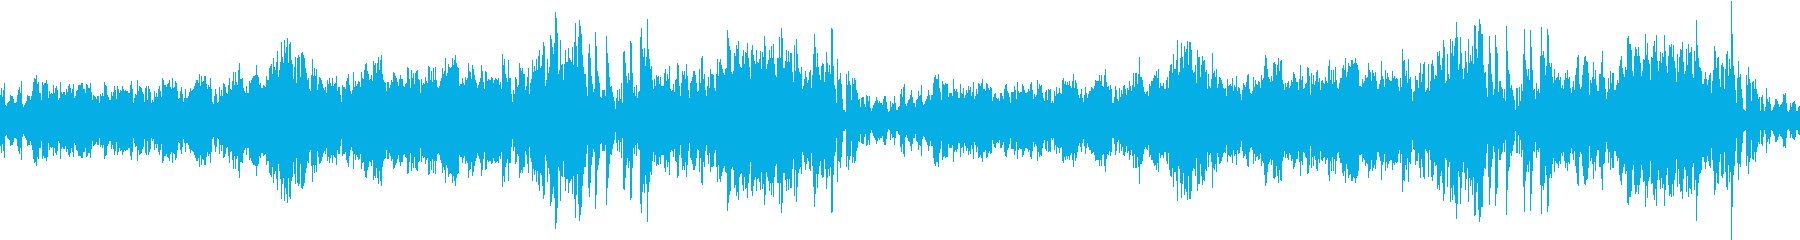 ドラクエの街風RPGオーケストラ曲・ルーの再生済みの波形